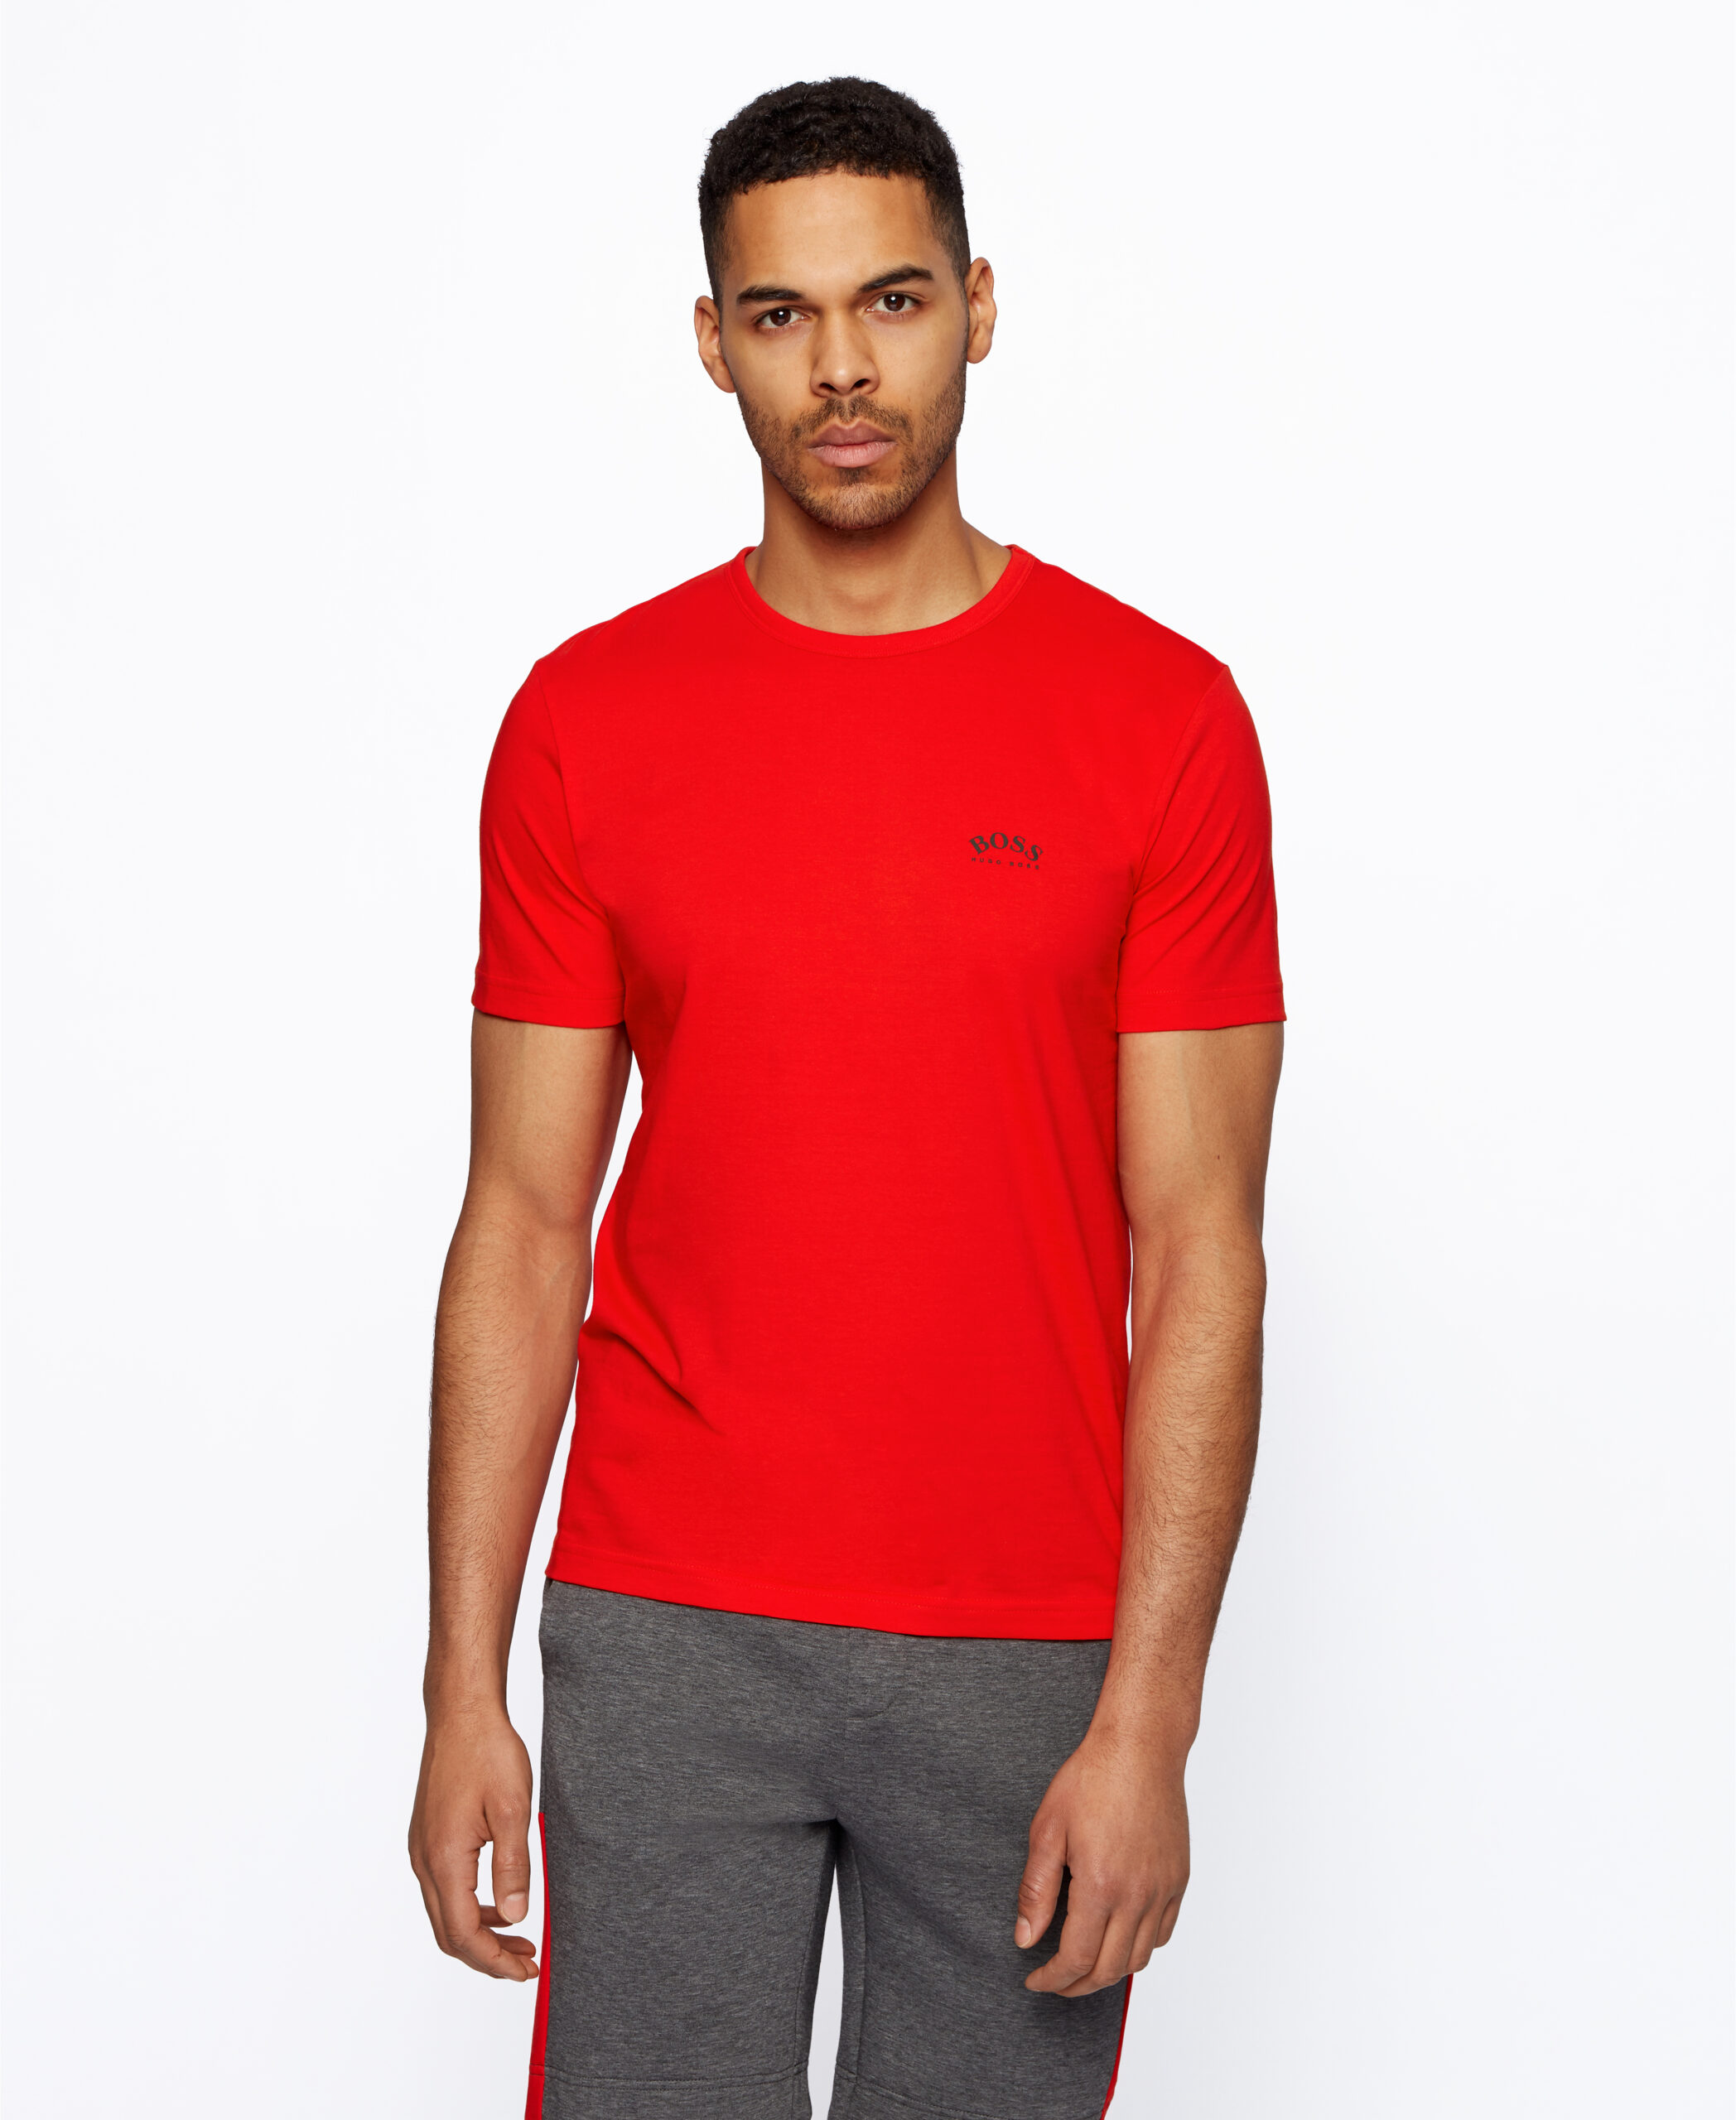 T-shirt regular da BOSS Menswear. Em algodão supermacio, com logotipo curvo da BOSS em estampa emborrachada no lado esquerdo do peito.